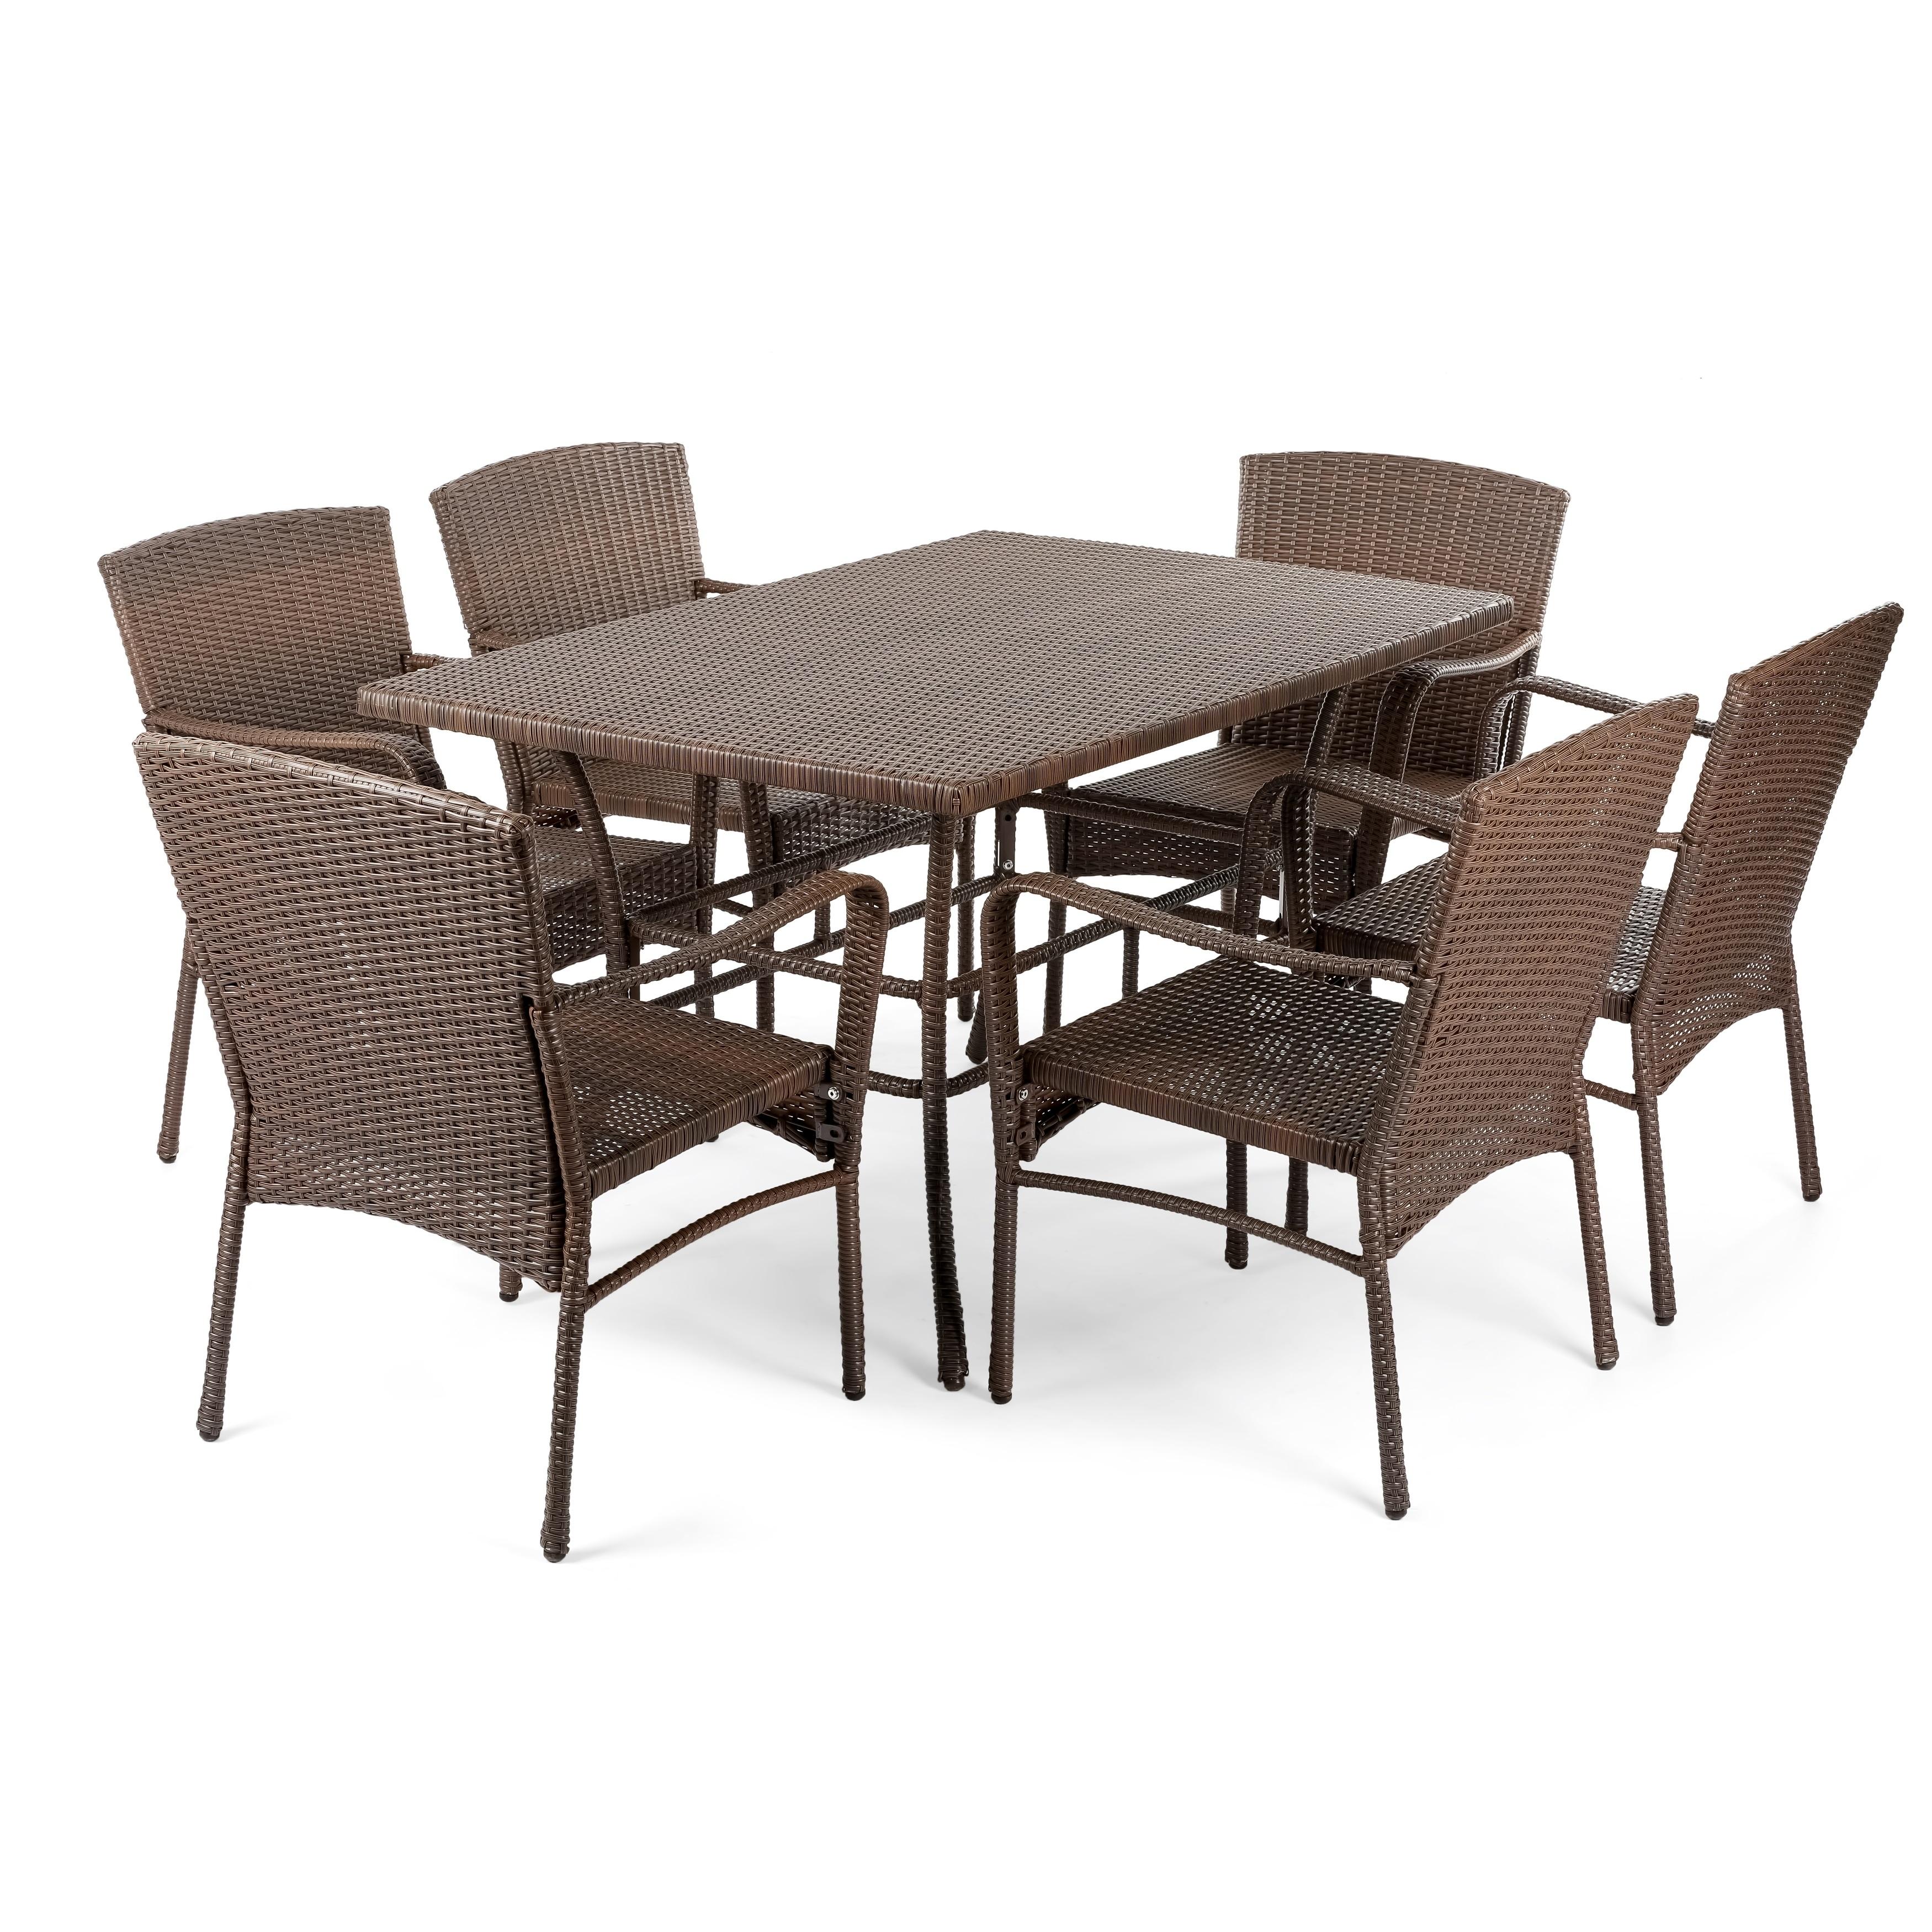 Outdoor Garden Patio Furniture 7pc